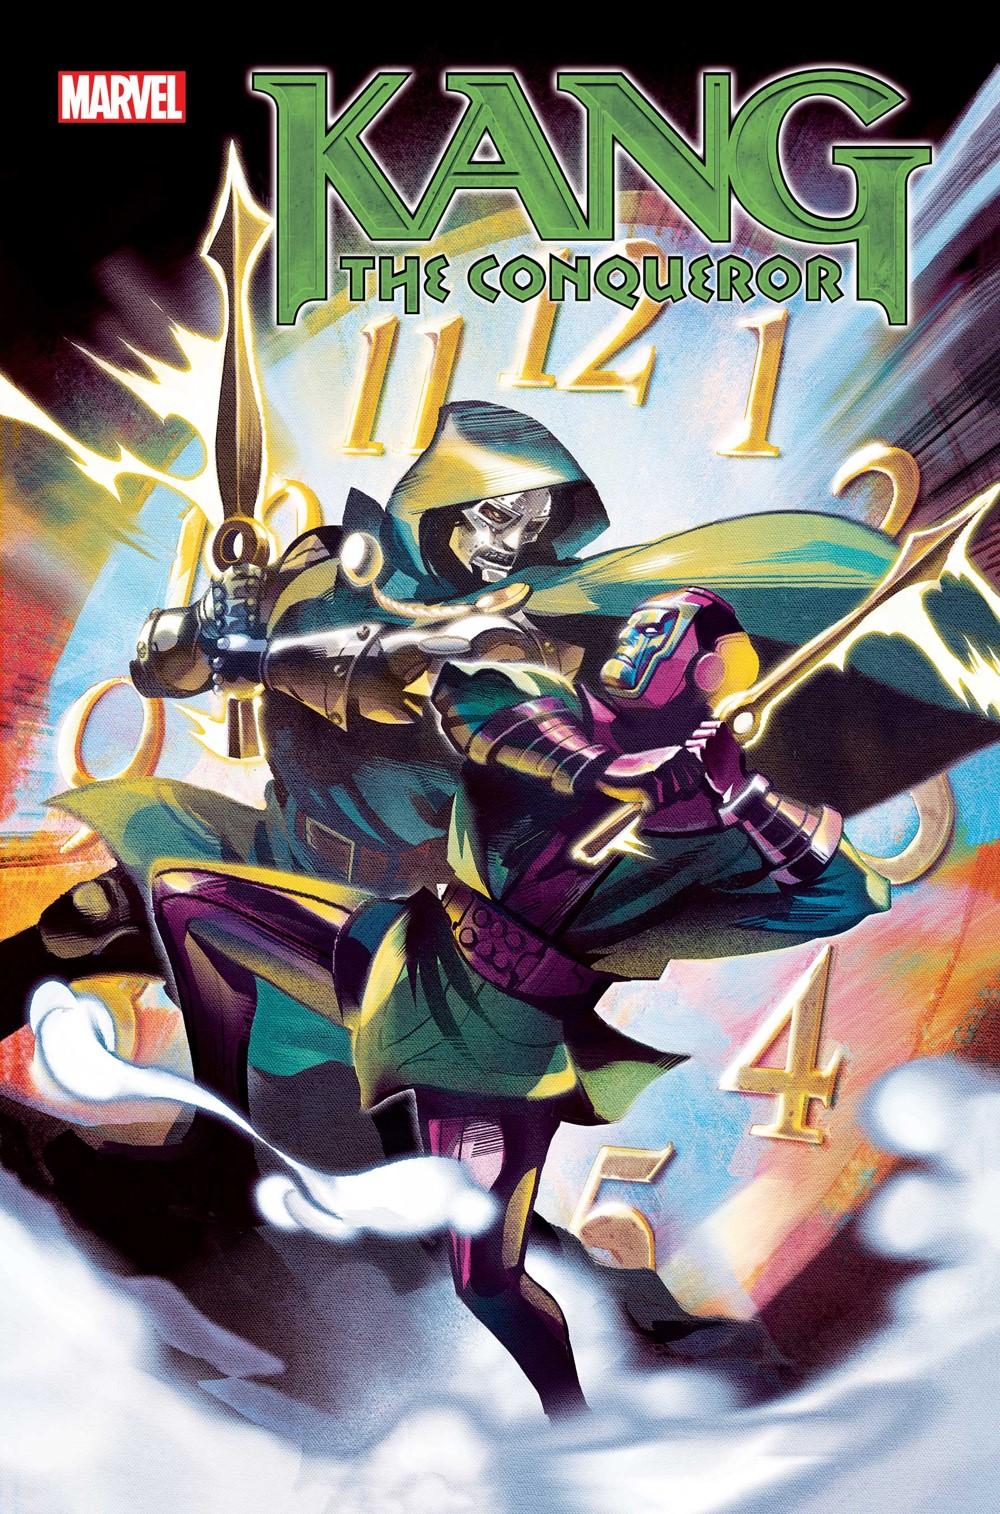 KANGCONQUEROR2021003_Cov Marvel Comics October 2021 Solicitations